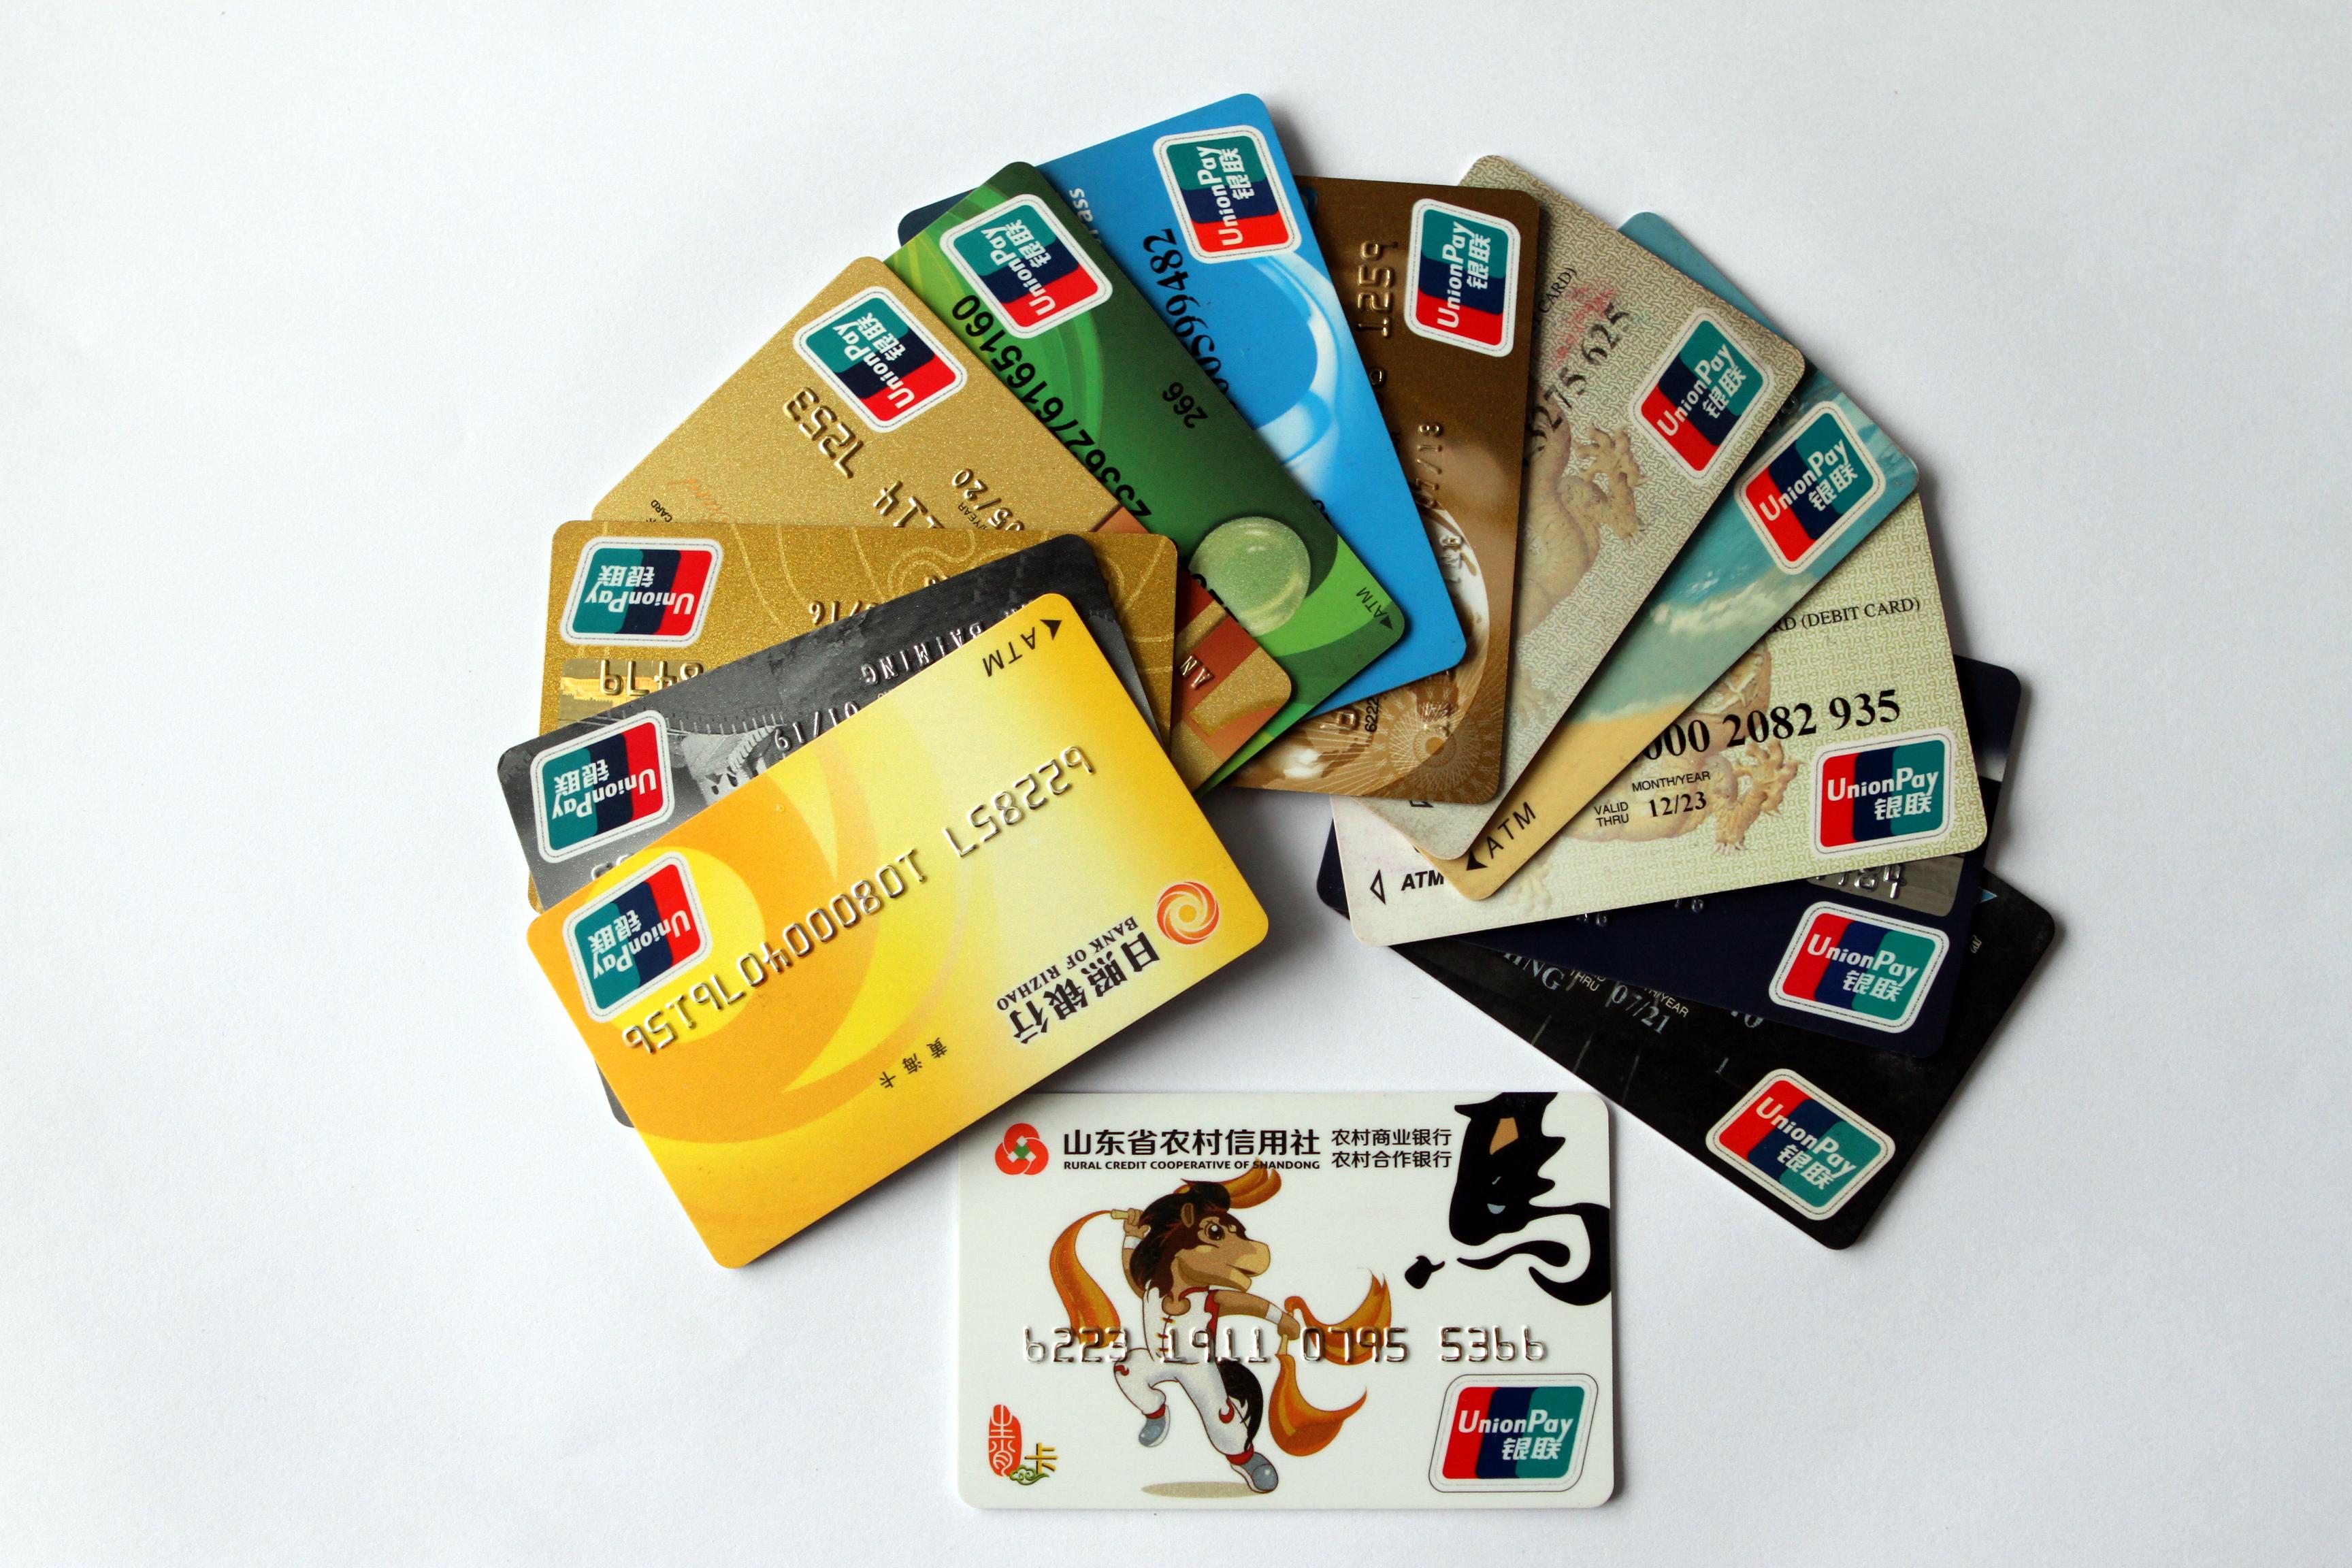 月收入1万+,信用卡欠下100万,我该怎么办?